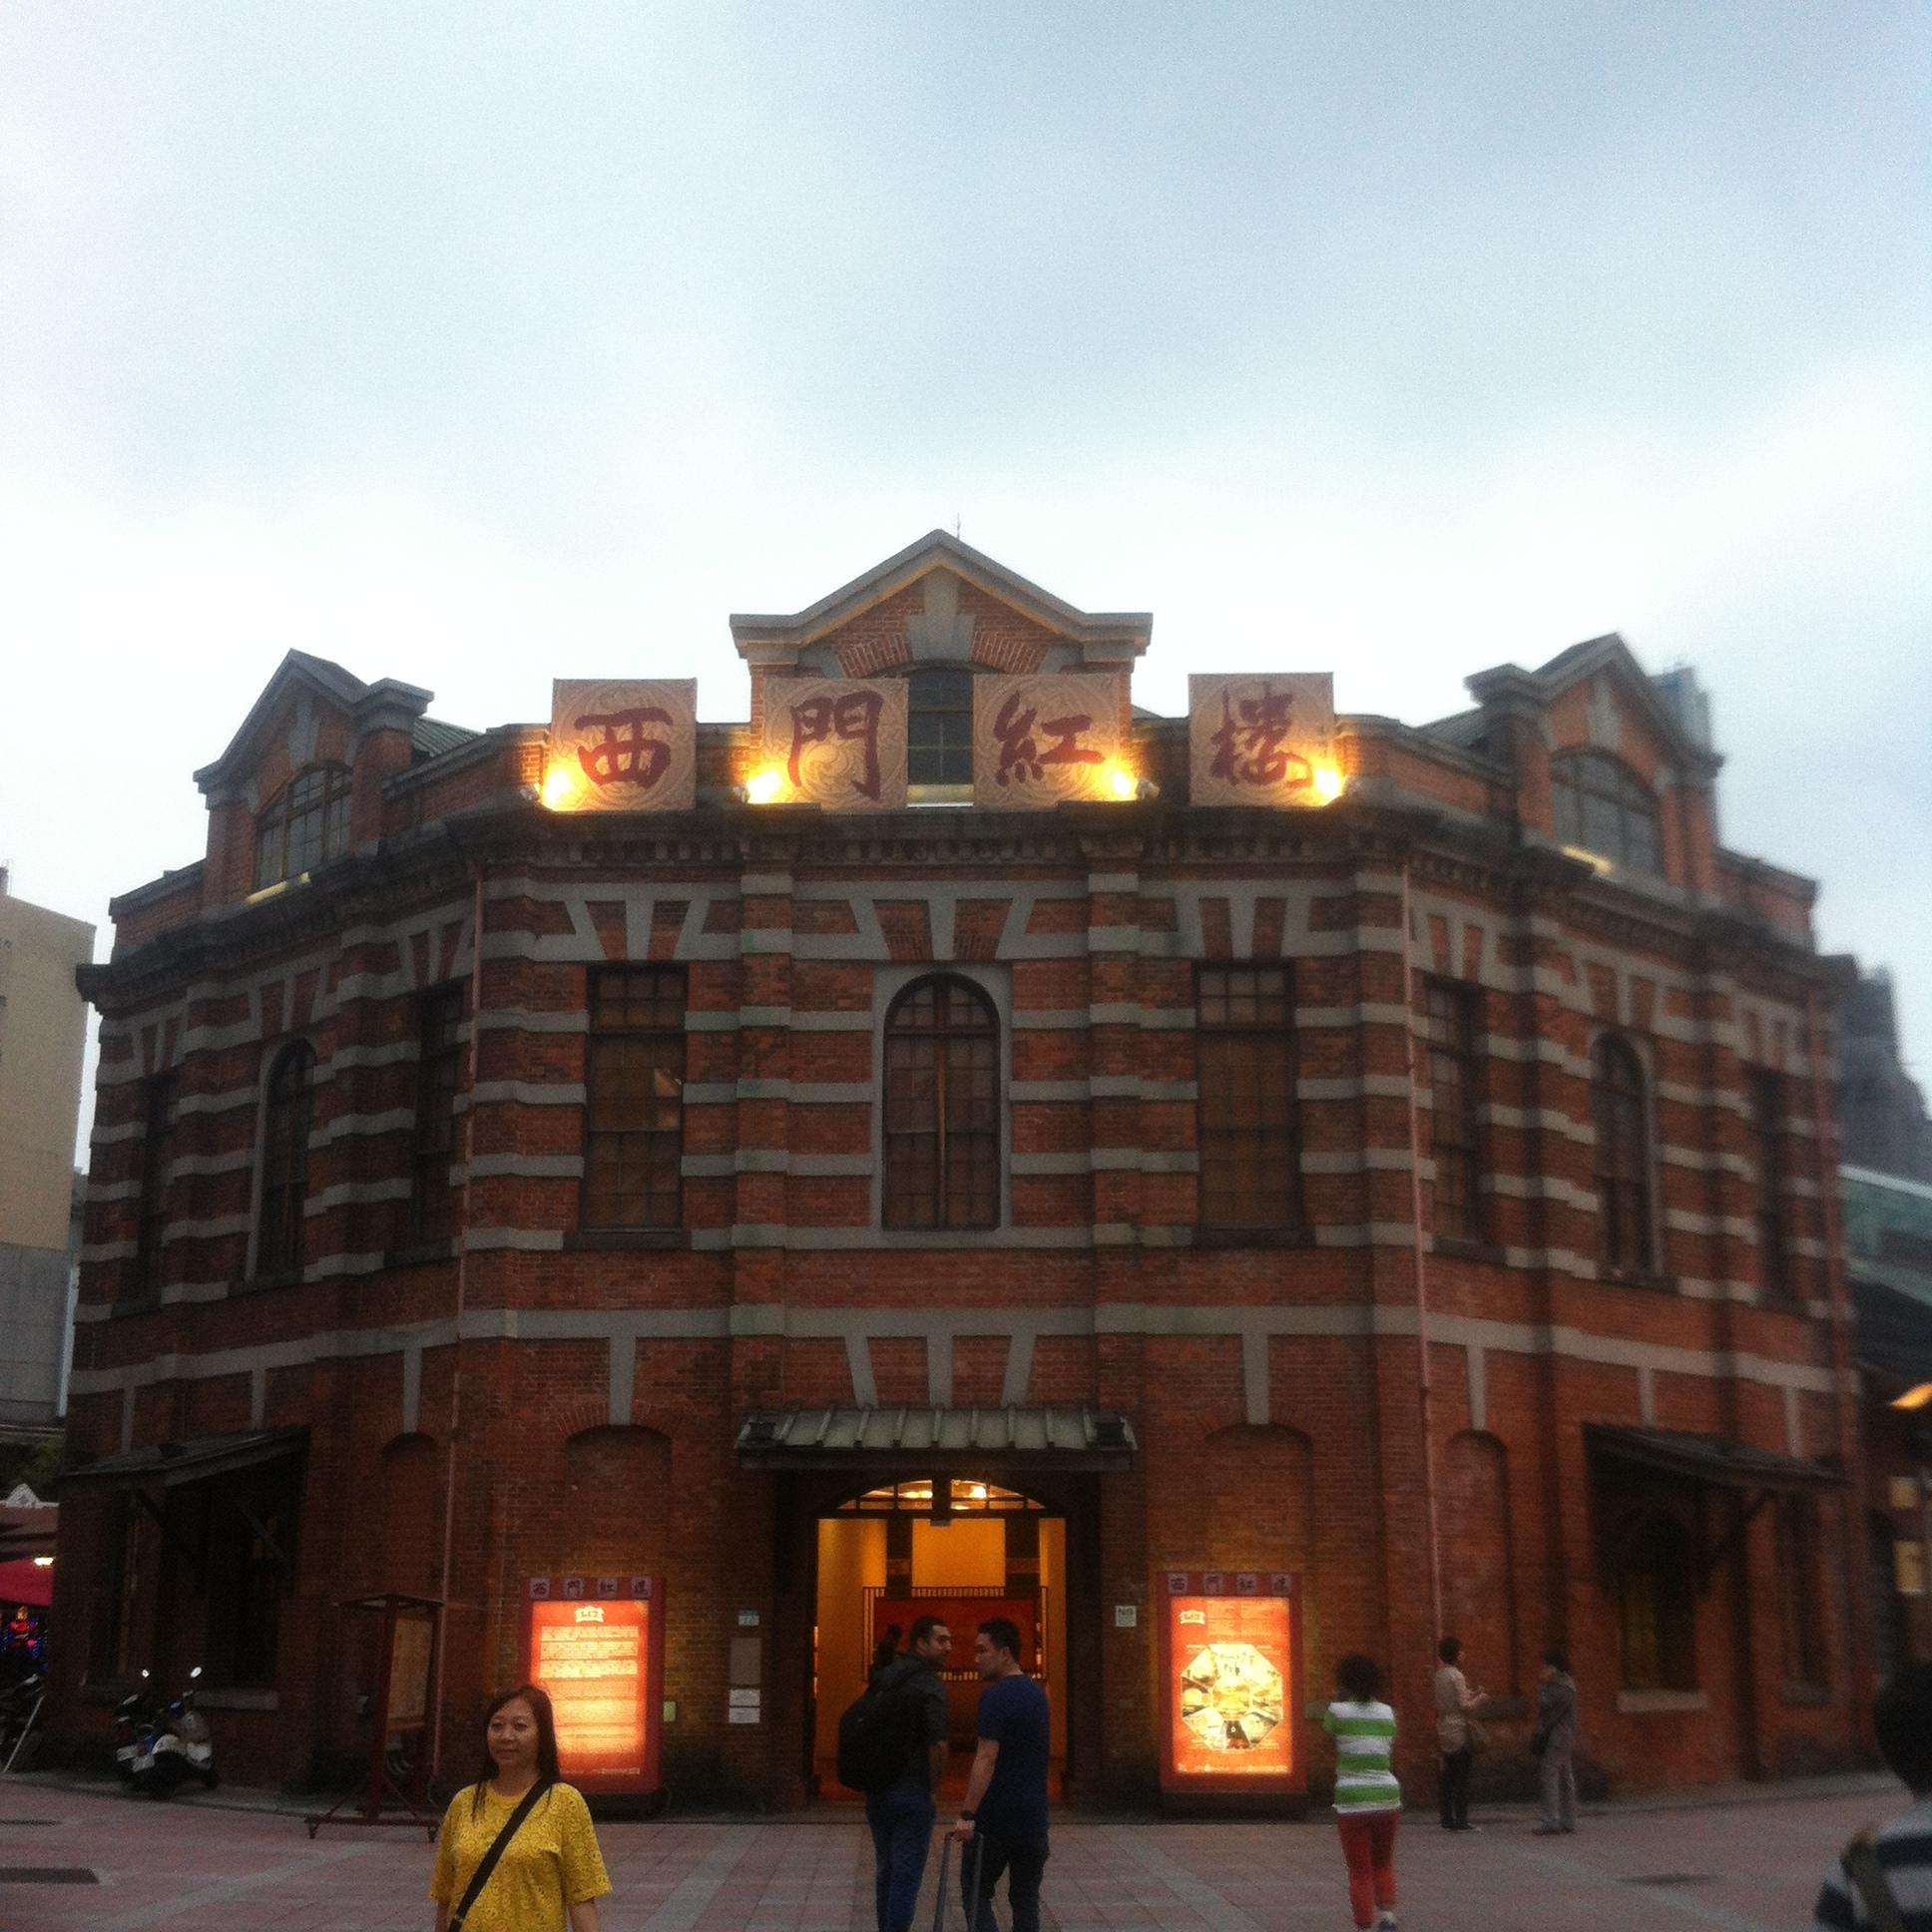 【観光】西門紅樓の建築は実はすごい?